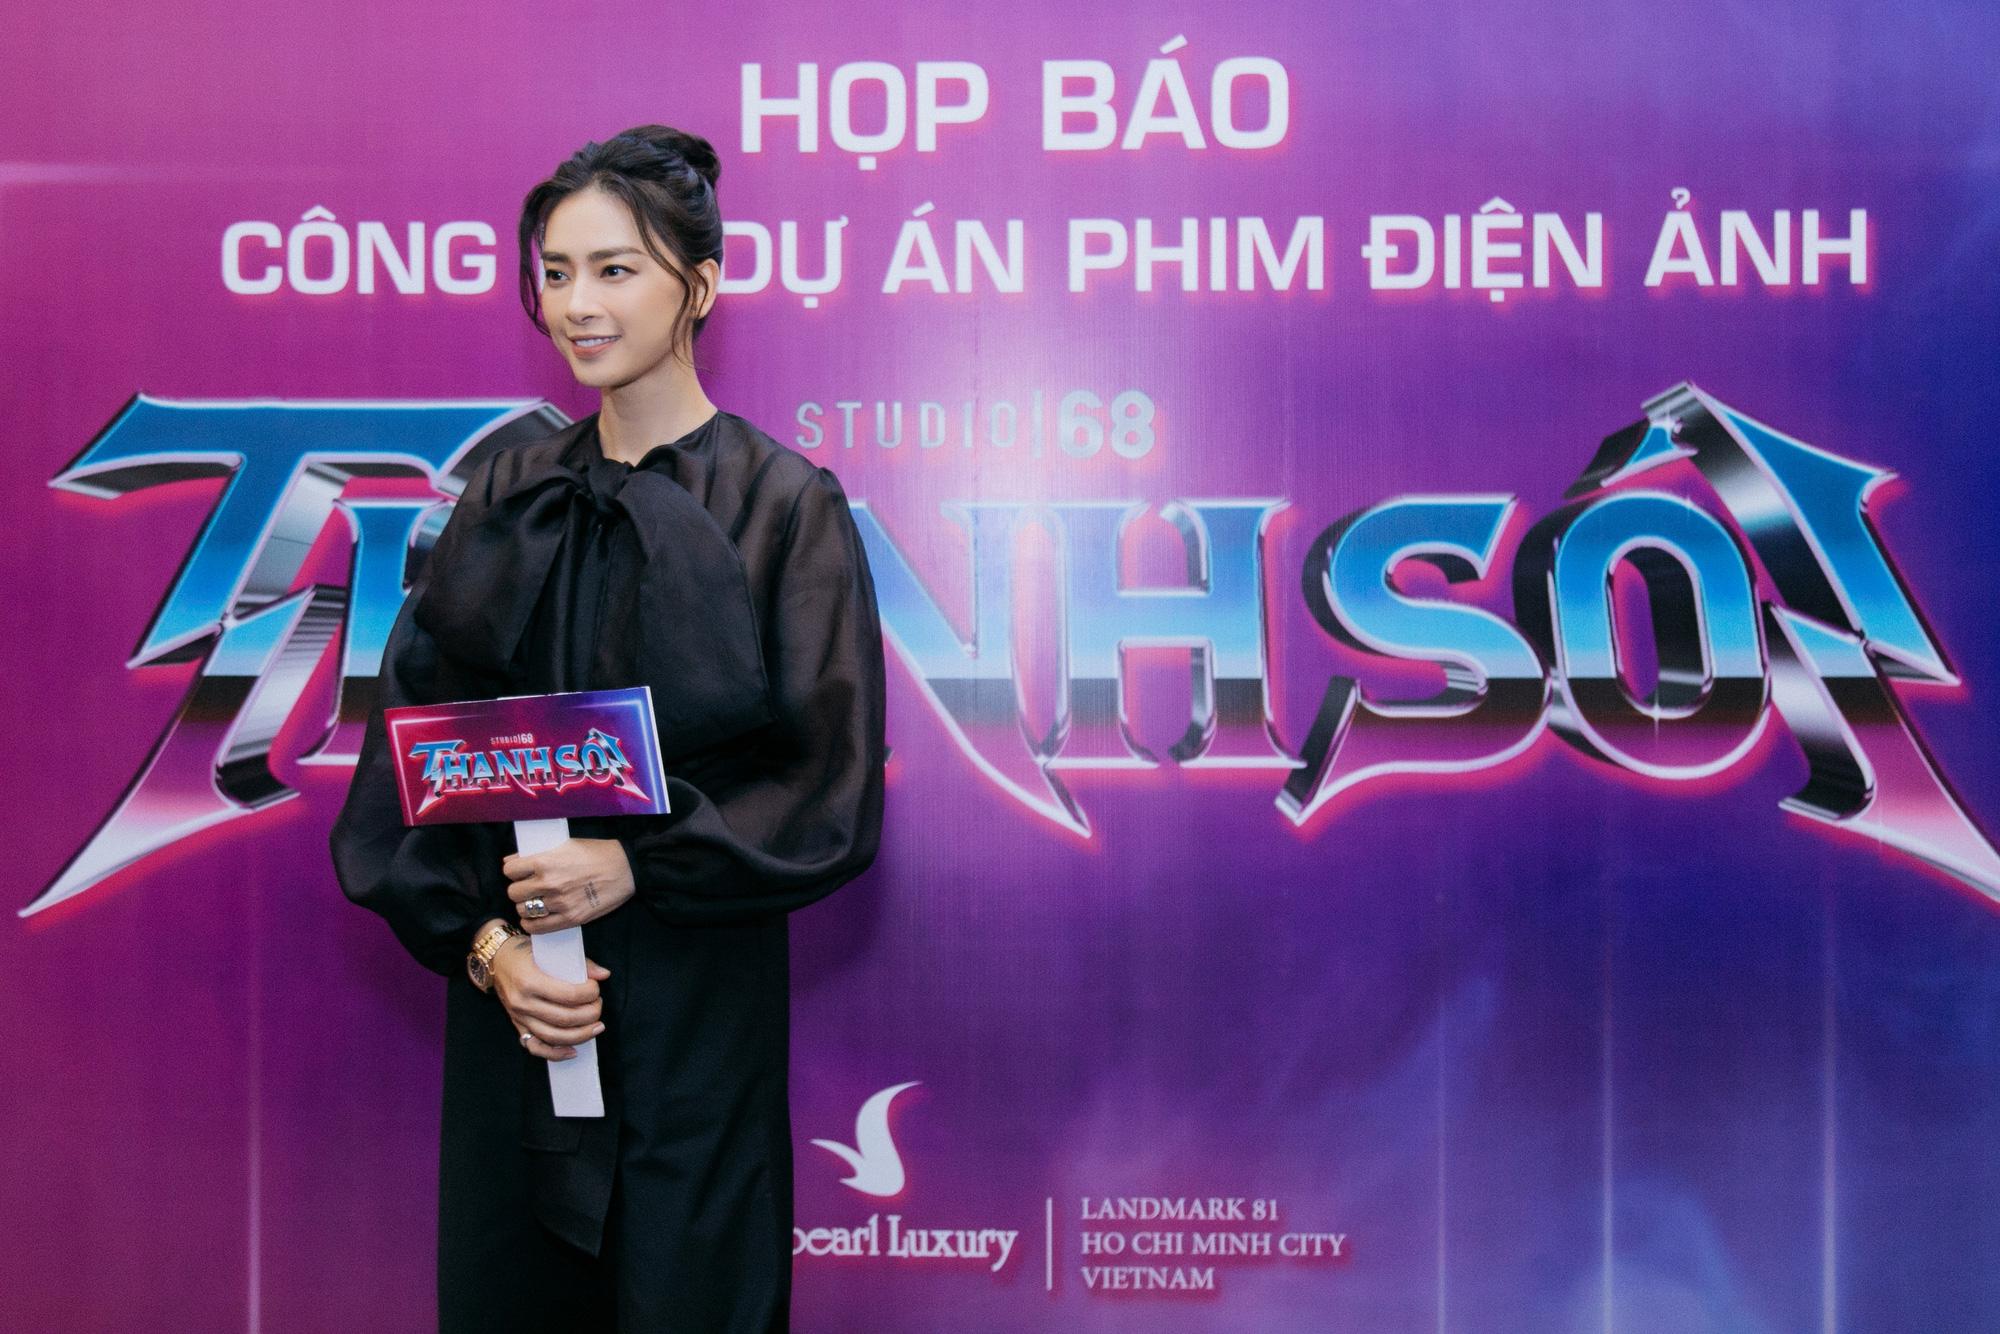 """Ngô Thanh Vân đạo diễn phim """"Thanh Sói"""", quy tụ dàn đả nữ Đồng Ánh Quỳnh, Tóc Tiên - Ảnh 2."""